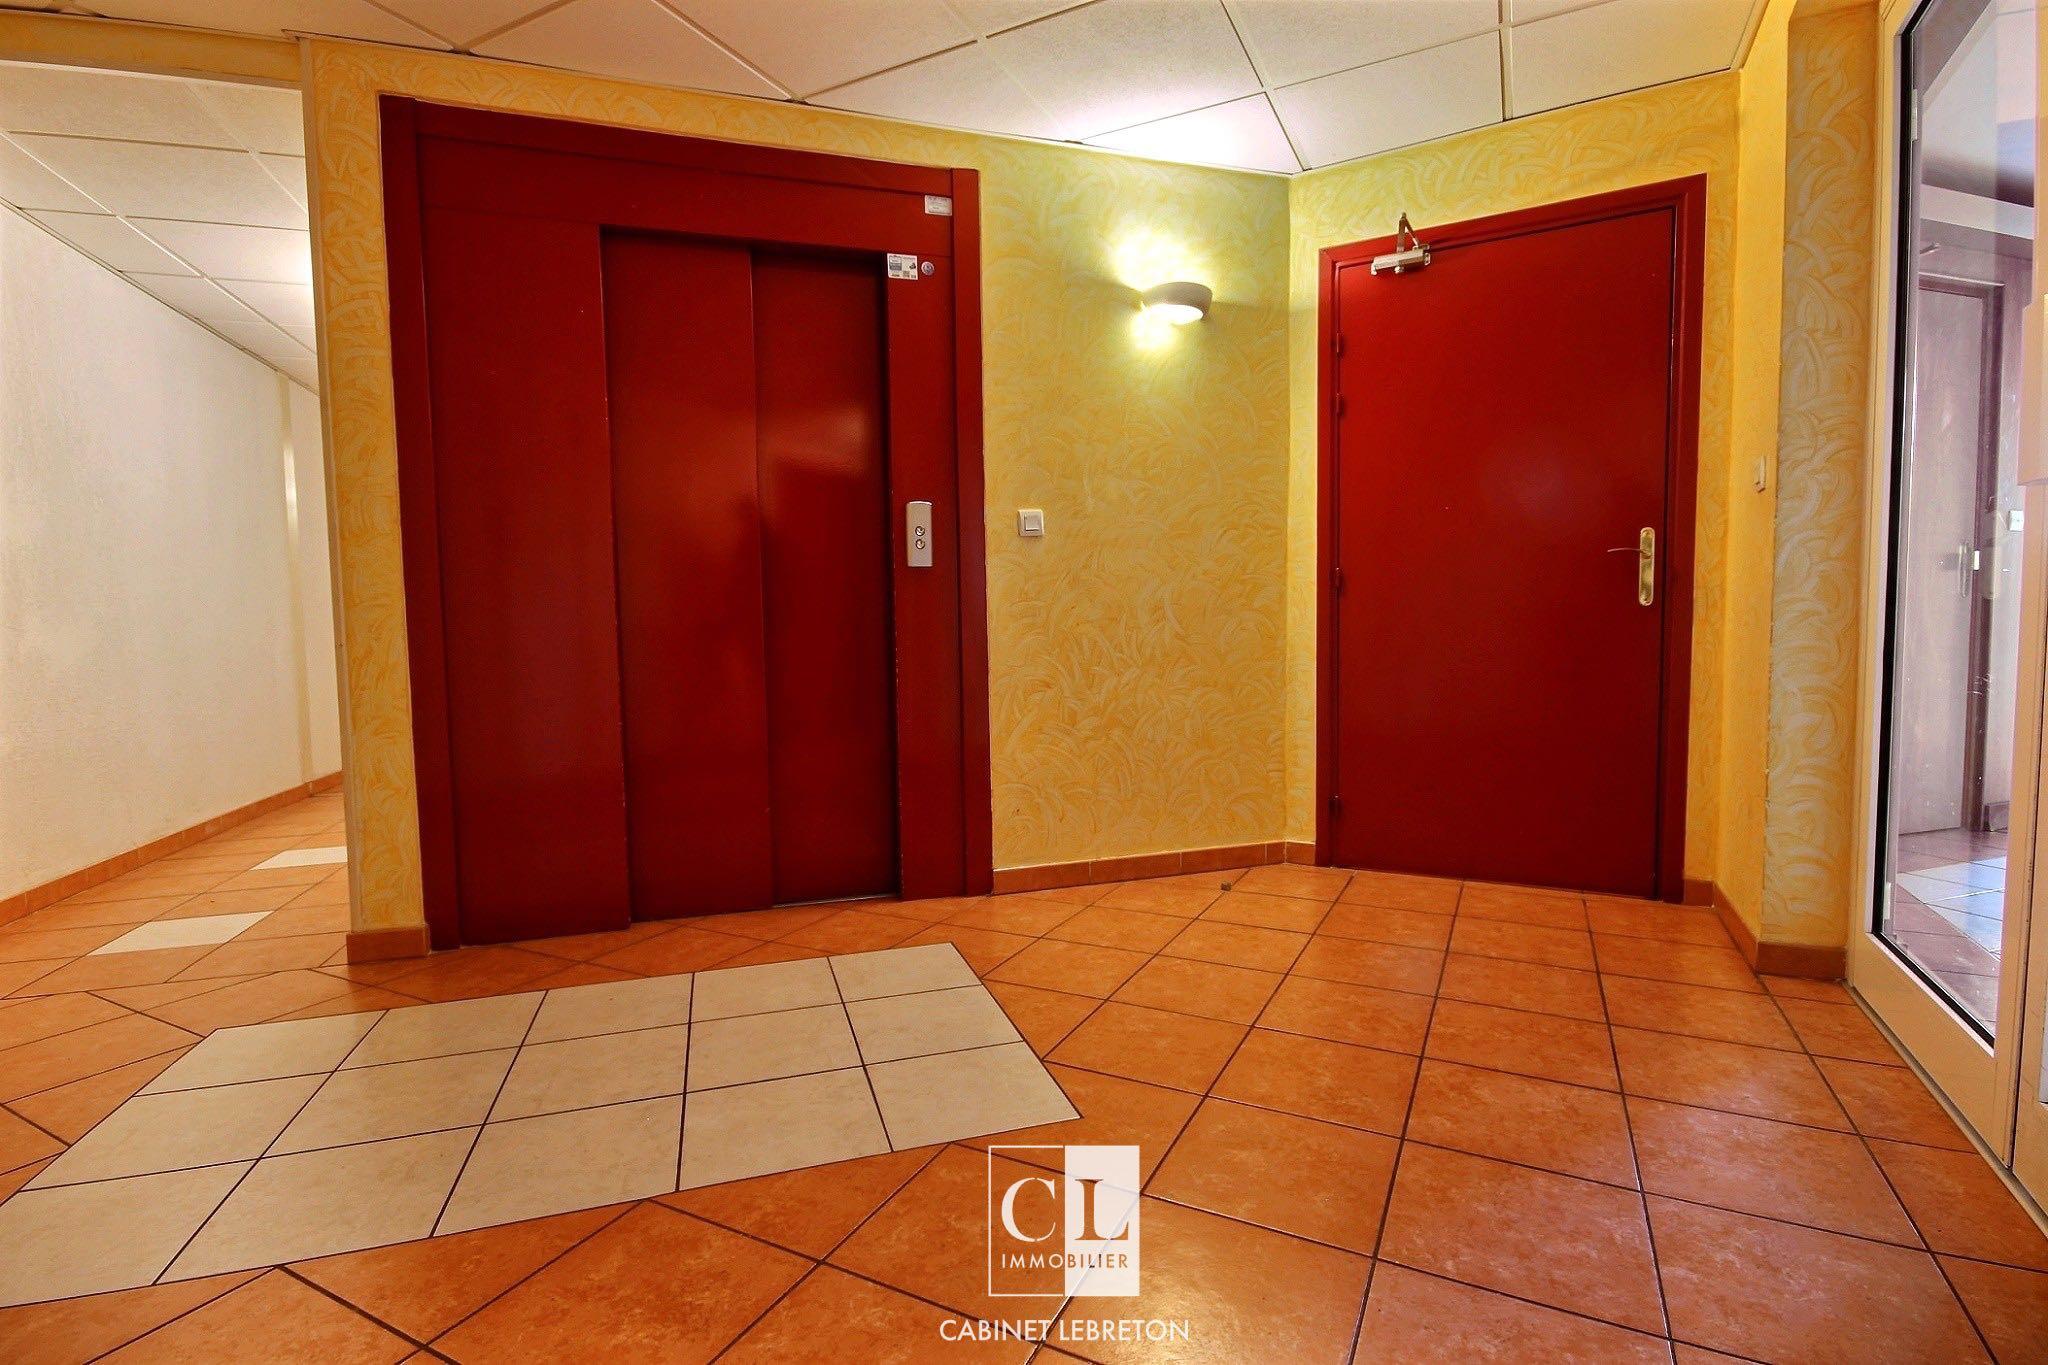 Appartement vendre marseille 10e type 4 avec jardin au - Cabinet administration de biens a vendre ...